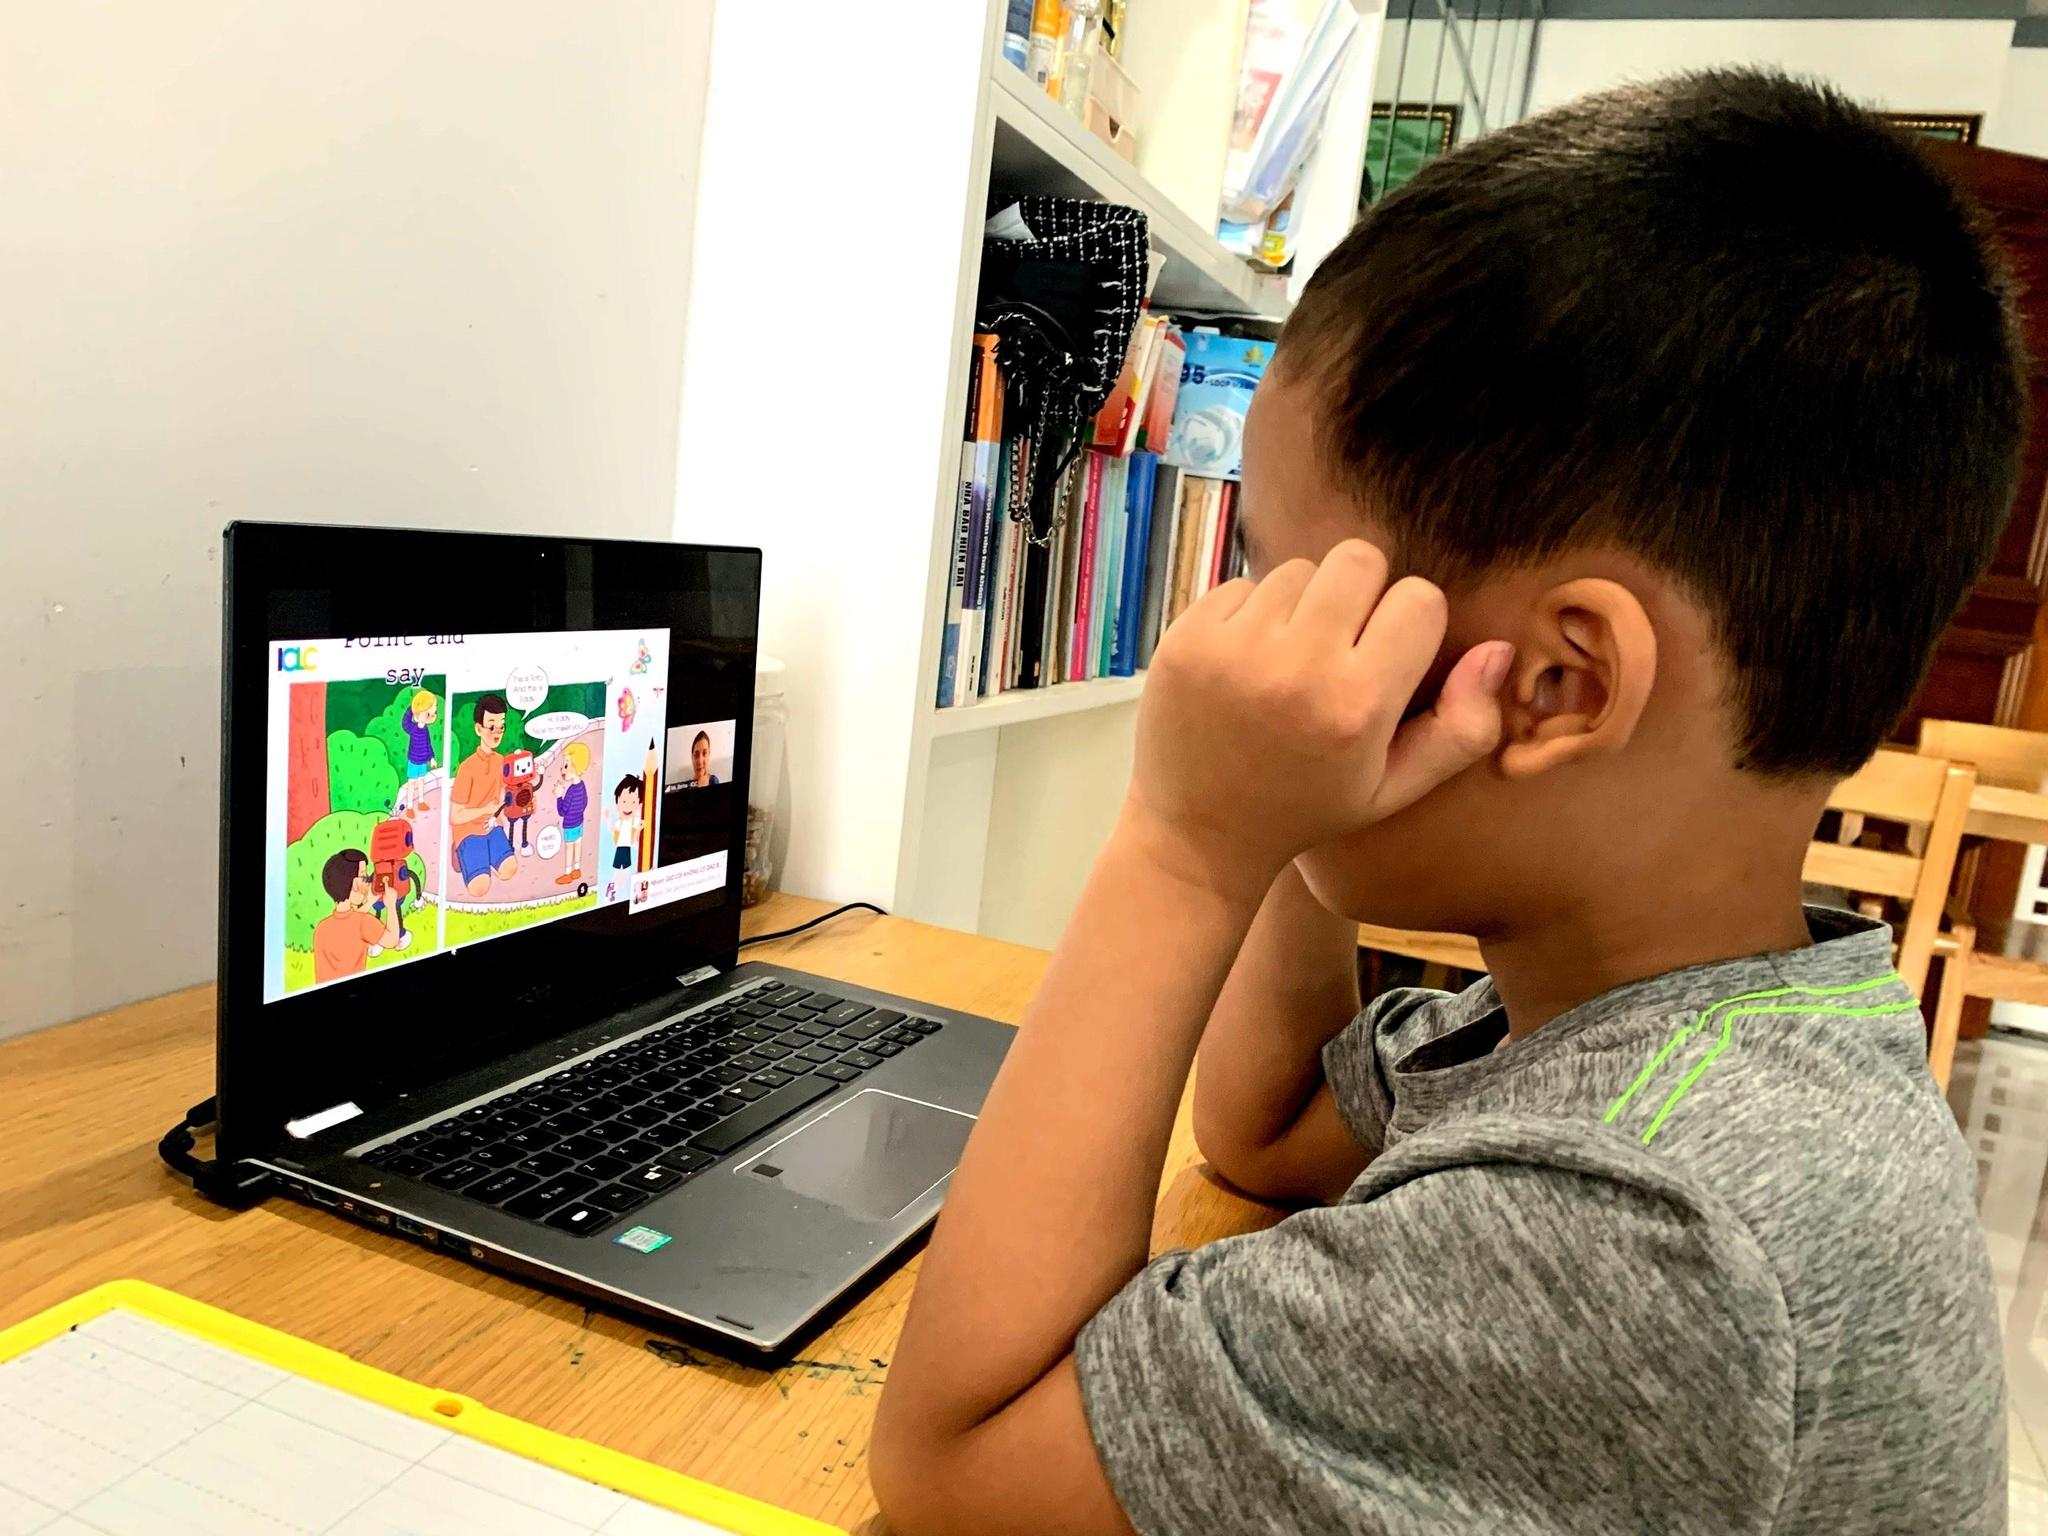 Qua 1 tháng dạy học trực tuyến, nhiều chuyện buồn hơn vui - ảnh 2